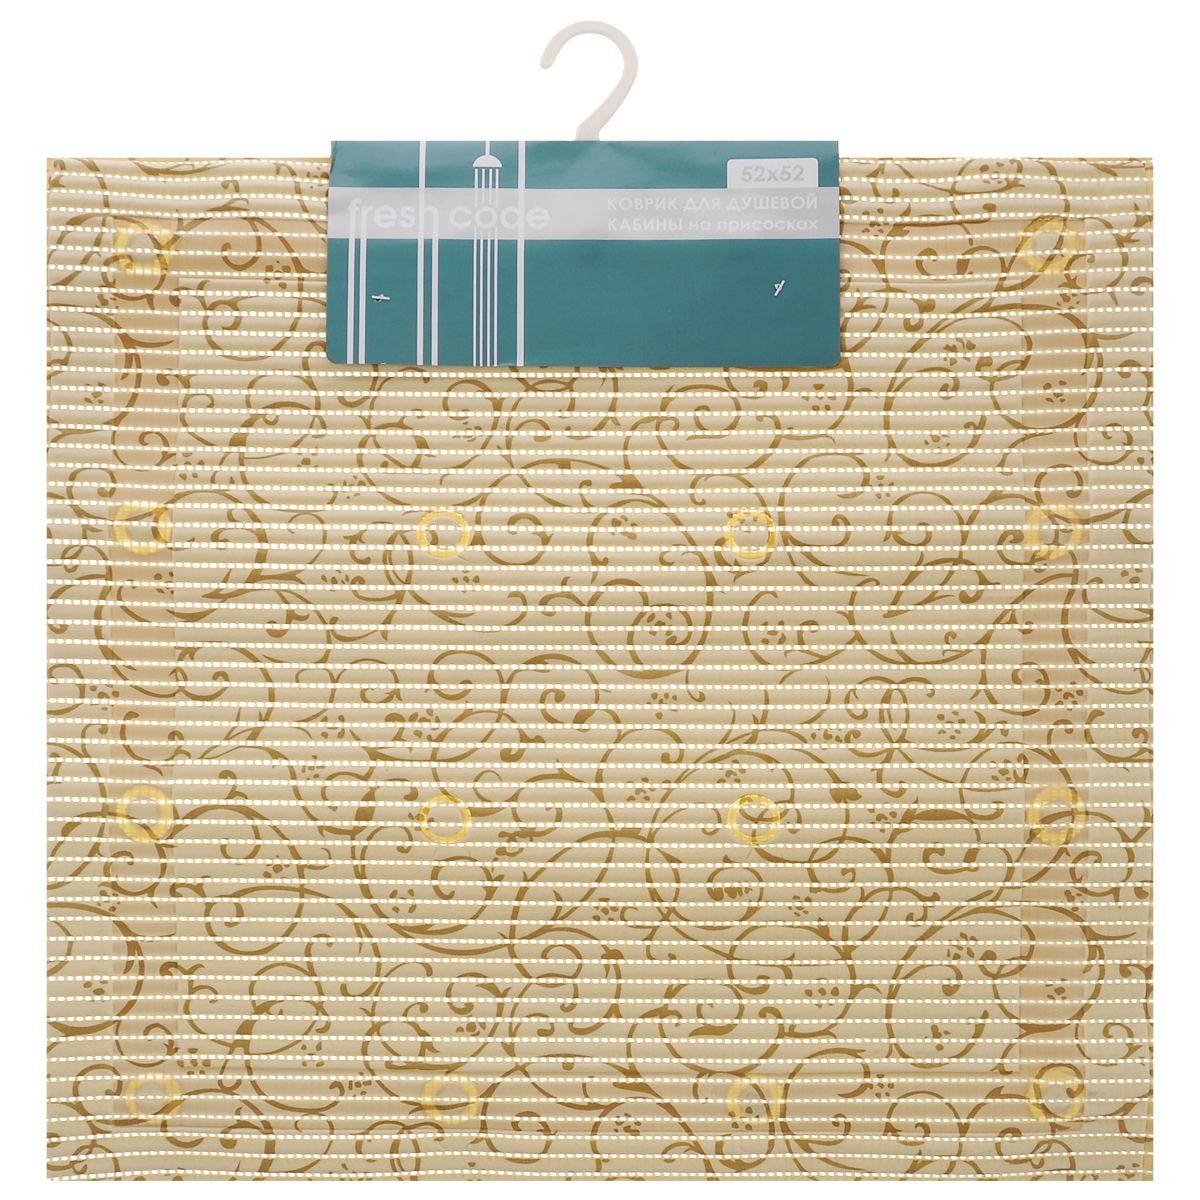 """Квадратный коврик Fresh Code """"Flexy"""" выполненный из ПВХ, предназначен для душевой кабины.  Его также можно использовать как напольный коврик для ванной комнаты. Крепиться к полу при  помощи присосок, которые обеспечивают антискользящий эффект, а мягкая поверхность коврика  создает комфортное покрытие. Красивый дизайн коврика украсит ванную комнату.   Рекомендации по уходу: протрите коврик влажной губкой с мягким моющим средством, тщательно  ополосните чистой водой и просушите."""